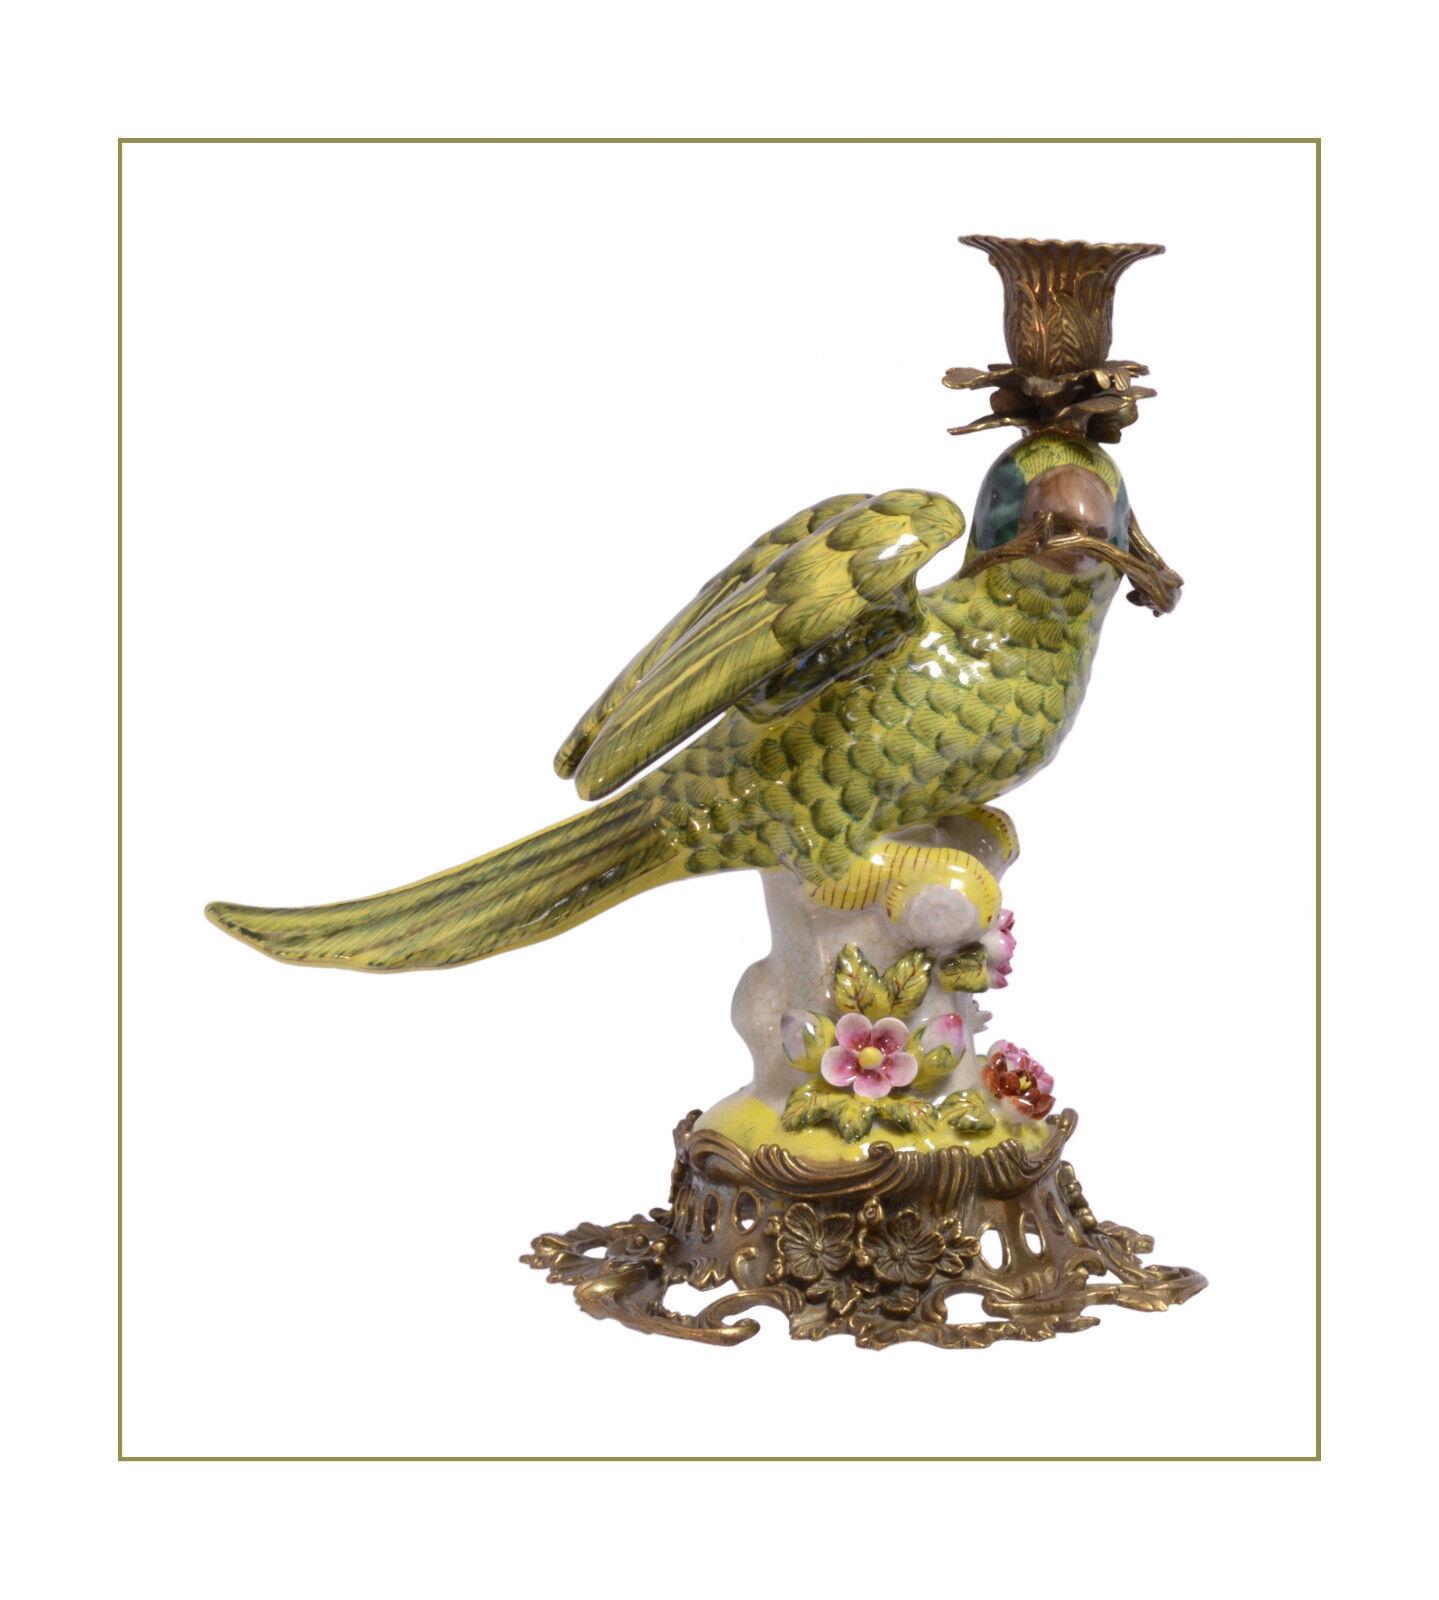 Messing Keramik figürlicher Kerzenleuchter Papagei rechts neu neu neu 99937885-dss 5622e6